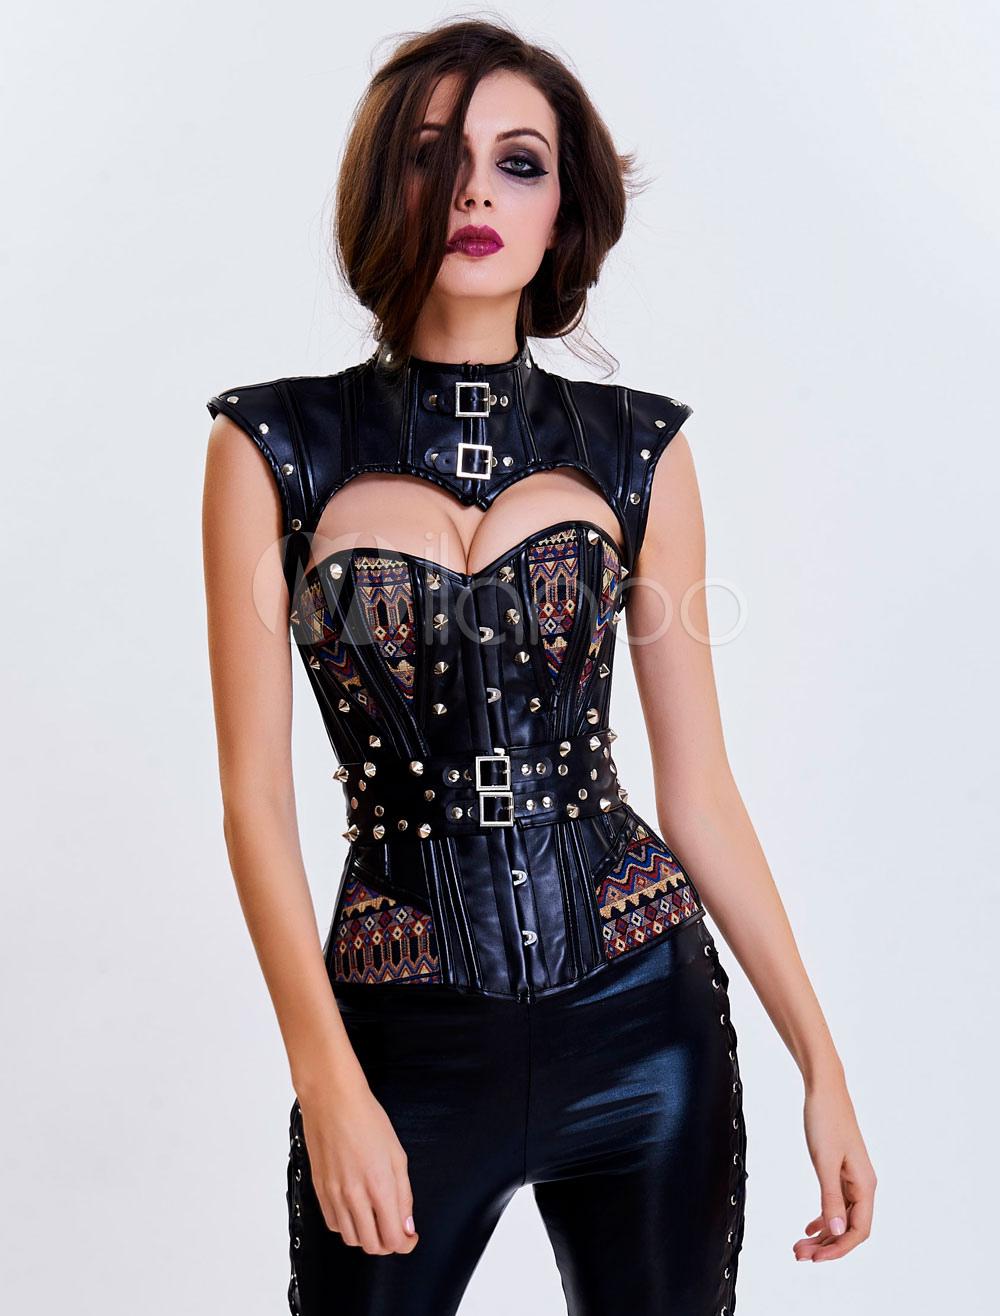 Women's Vintage Costume Steampunk Halloween Cutout Rivet Overbust Corset